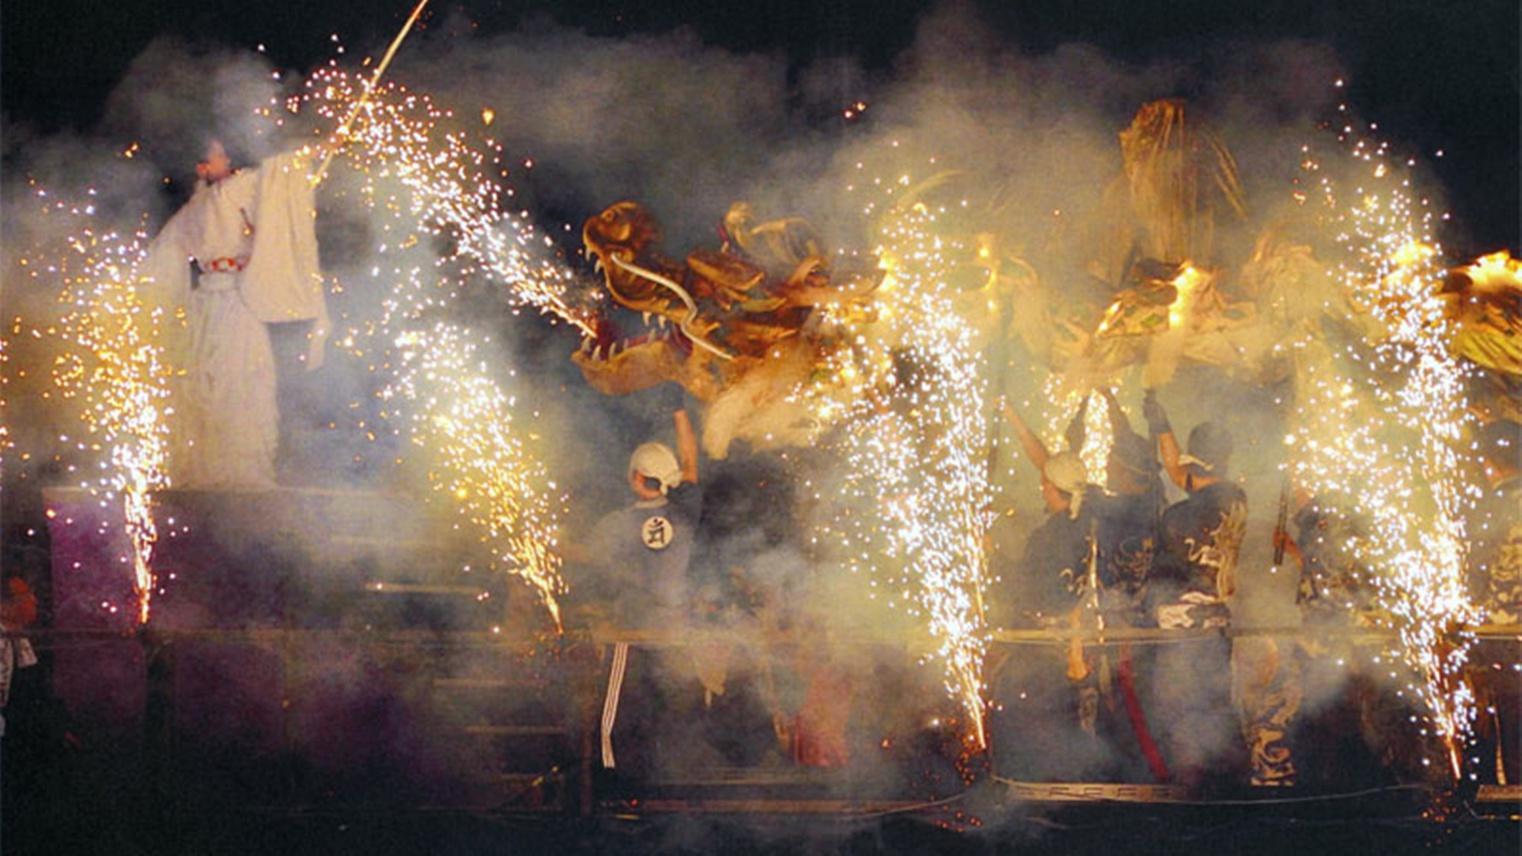 *【文殊堂出船祭】毎年7月に開催される智恩寺文殊堂の伝統行事。当館から徒歩2分